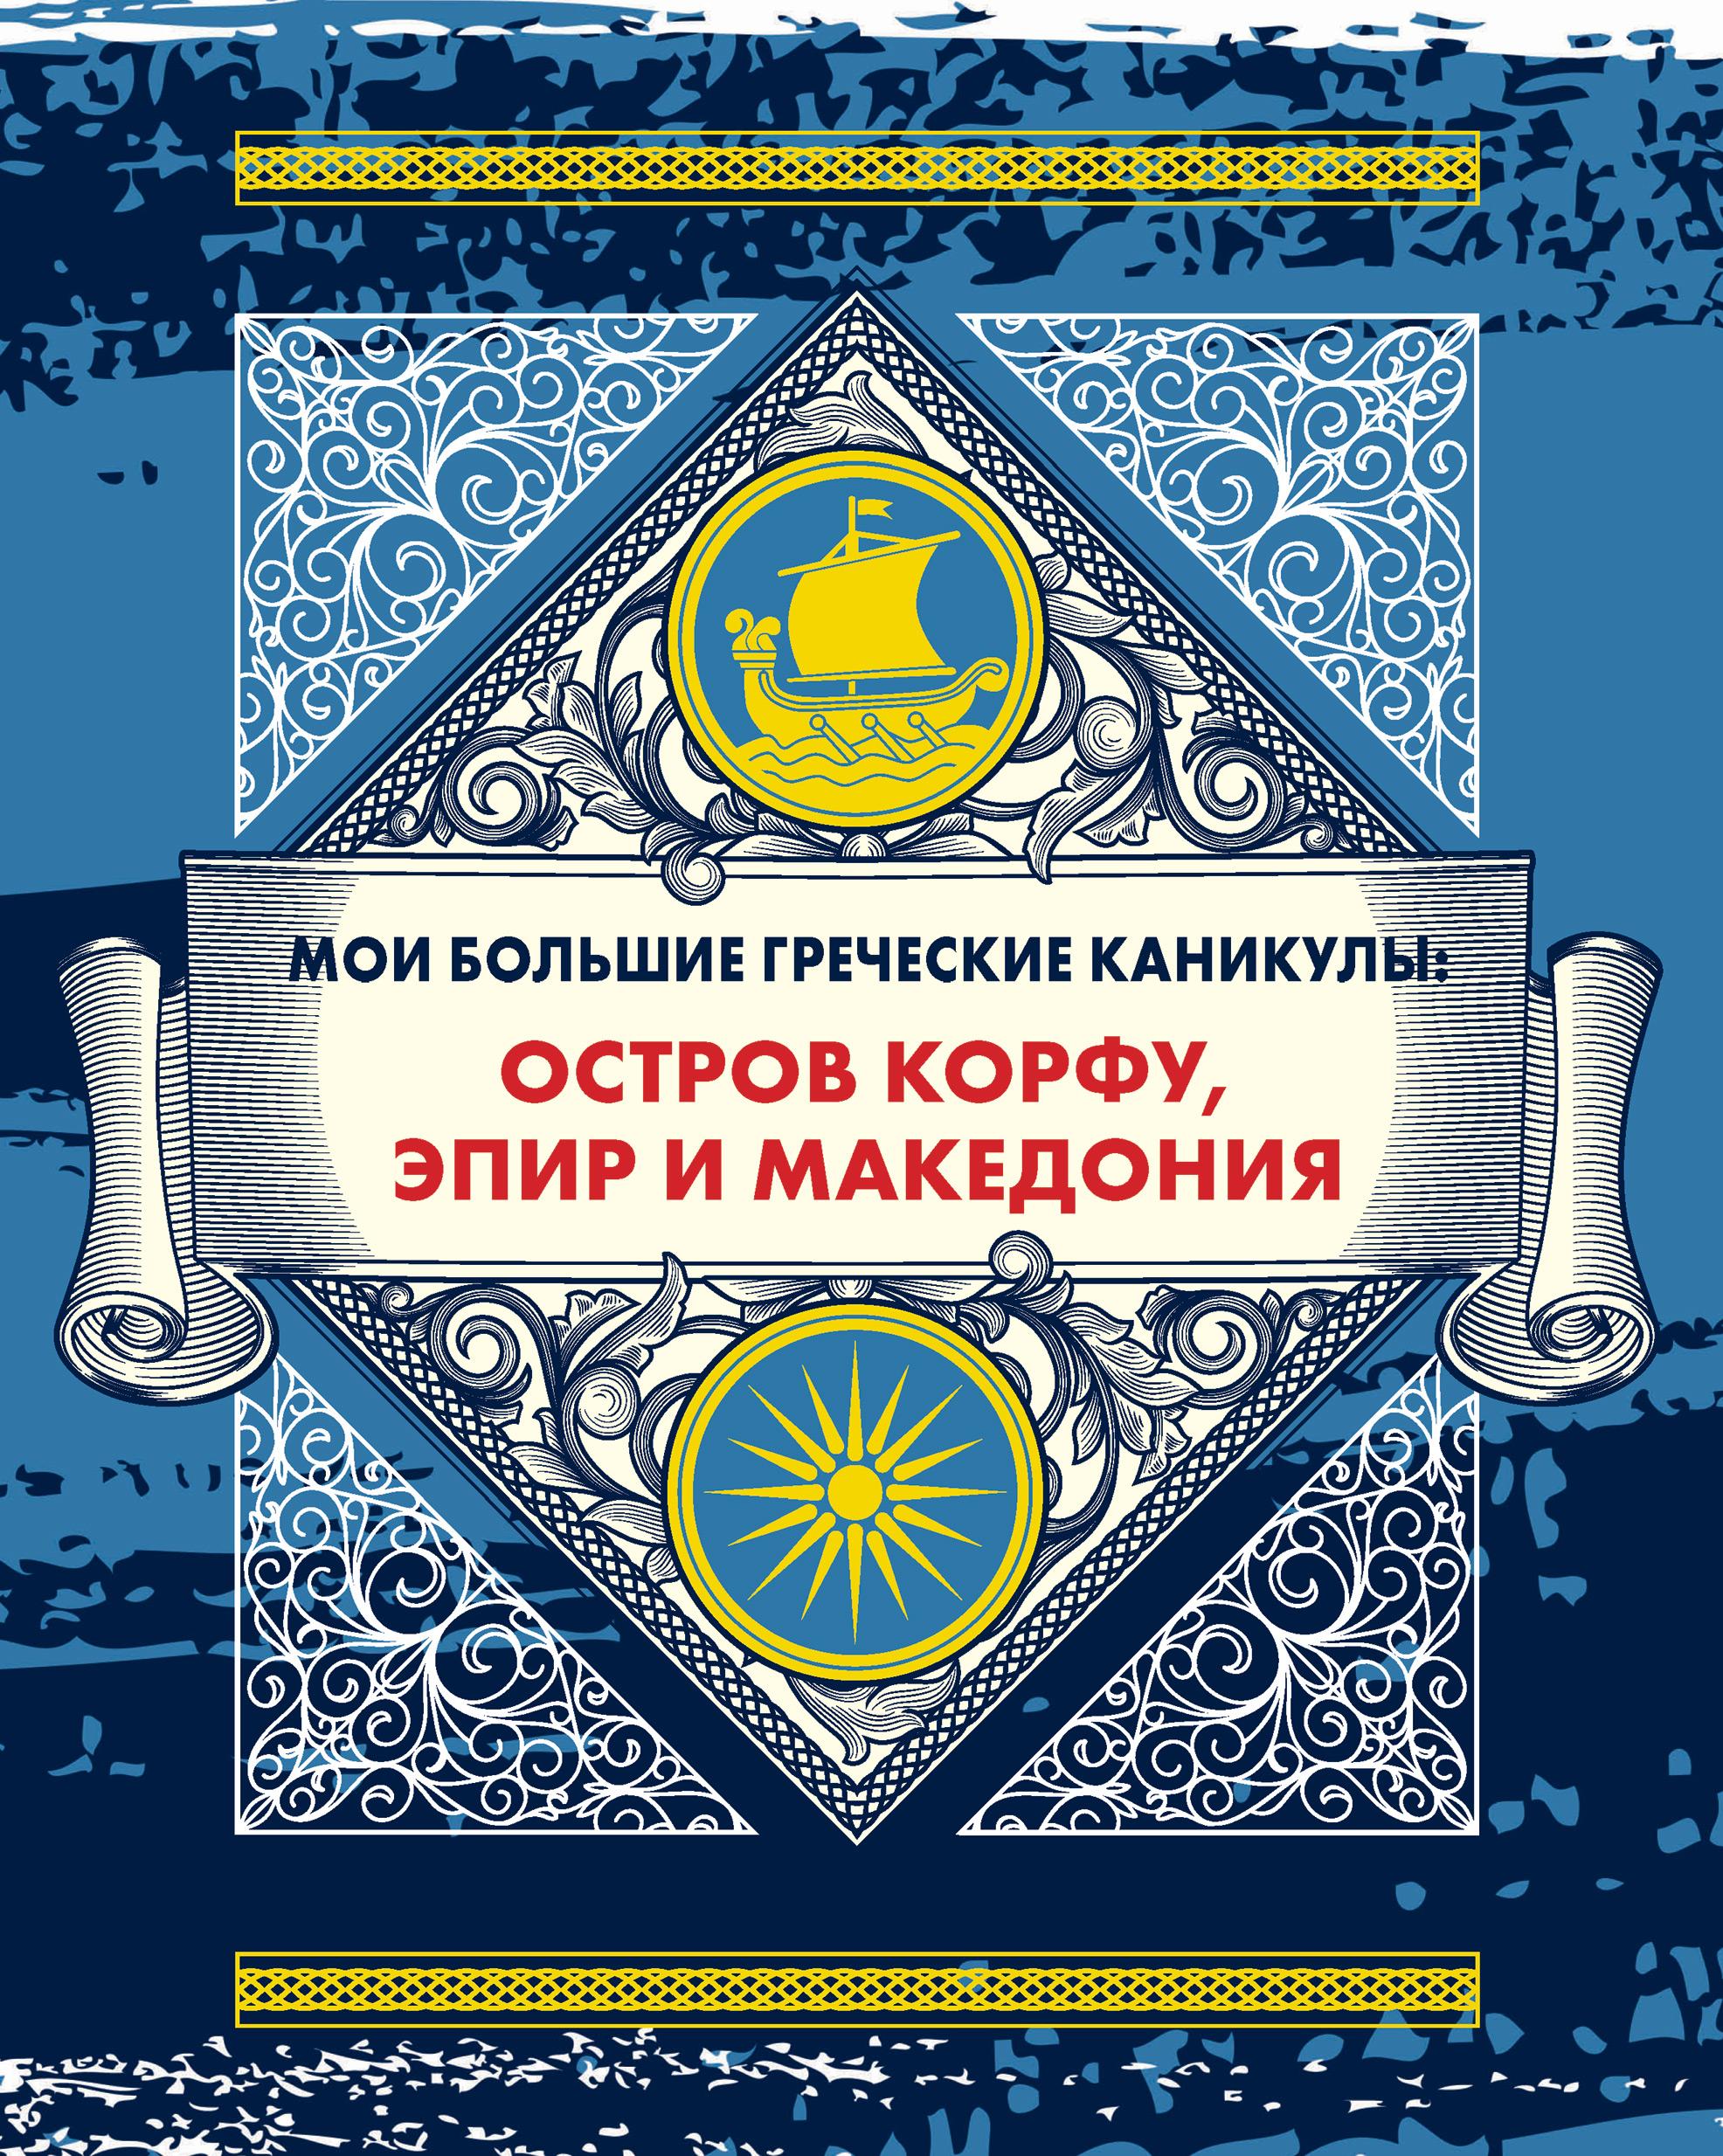 Мои большие греческие каникулы: остров Корфу, Эпир и Македония